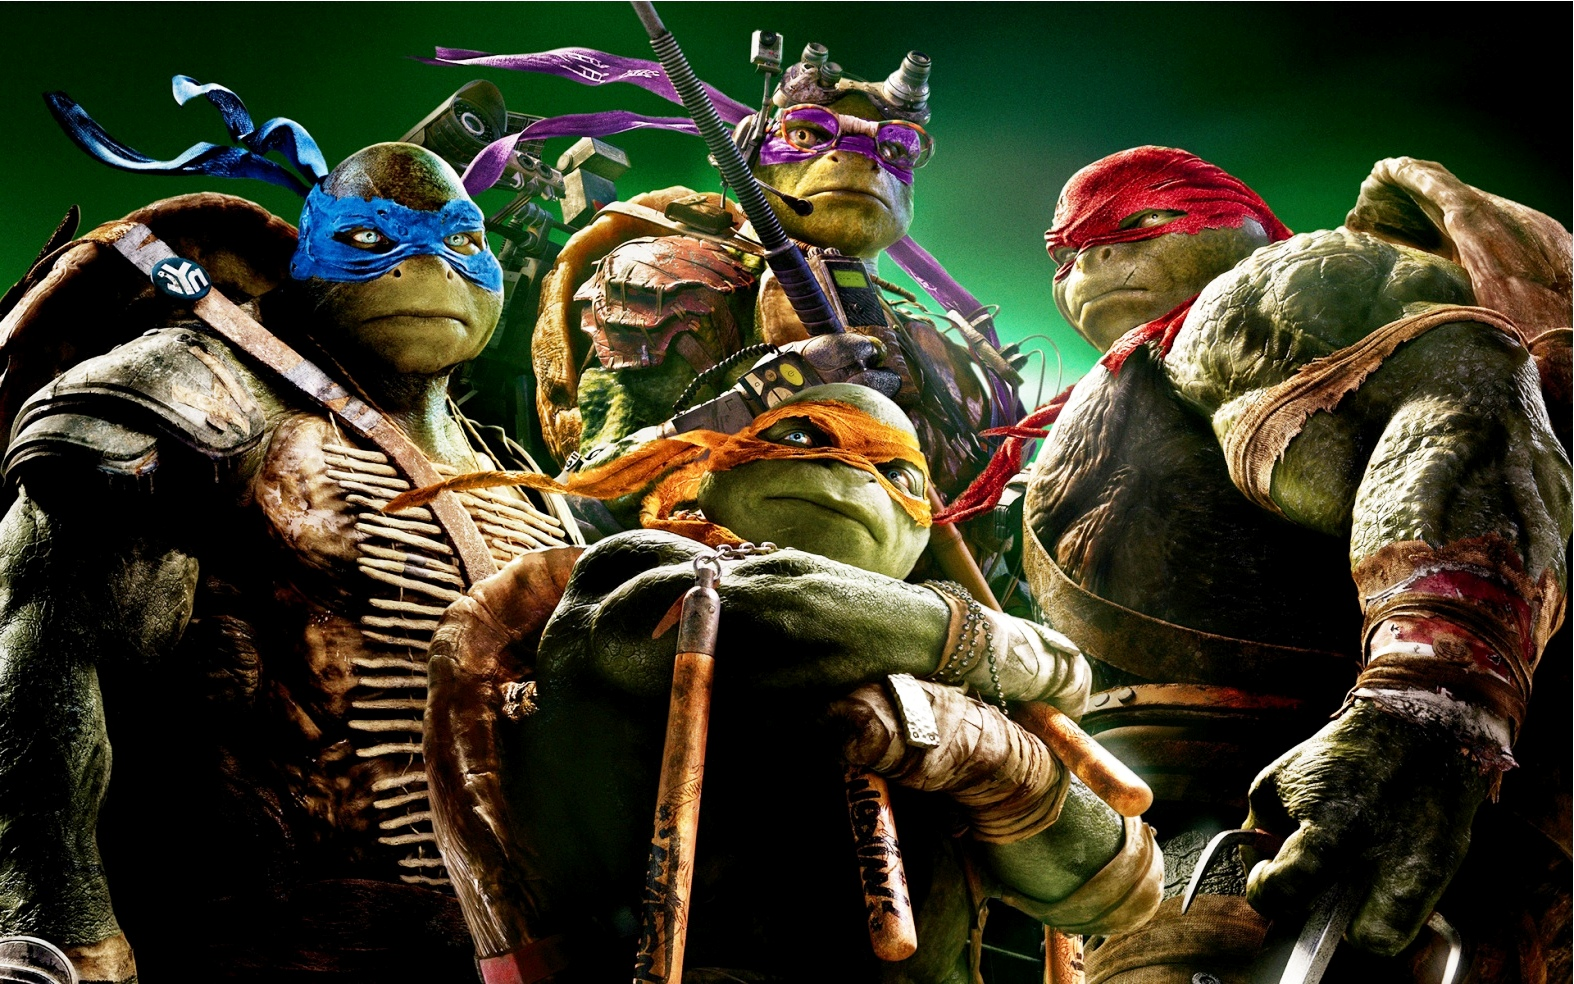 Teenage Mutant Ninja Turtles Wallpaper 2017